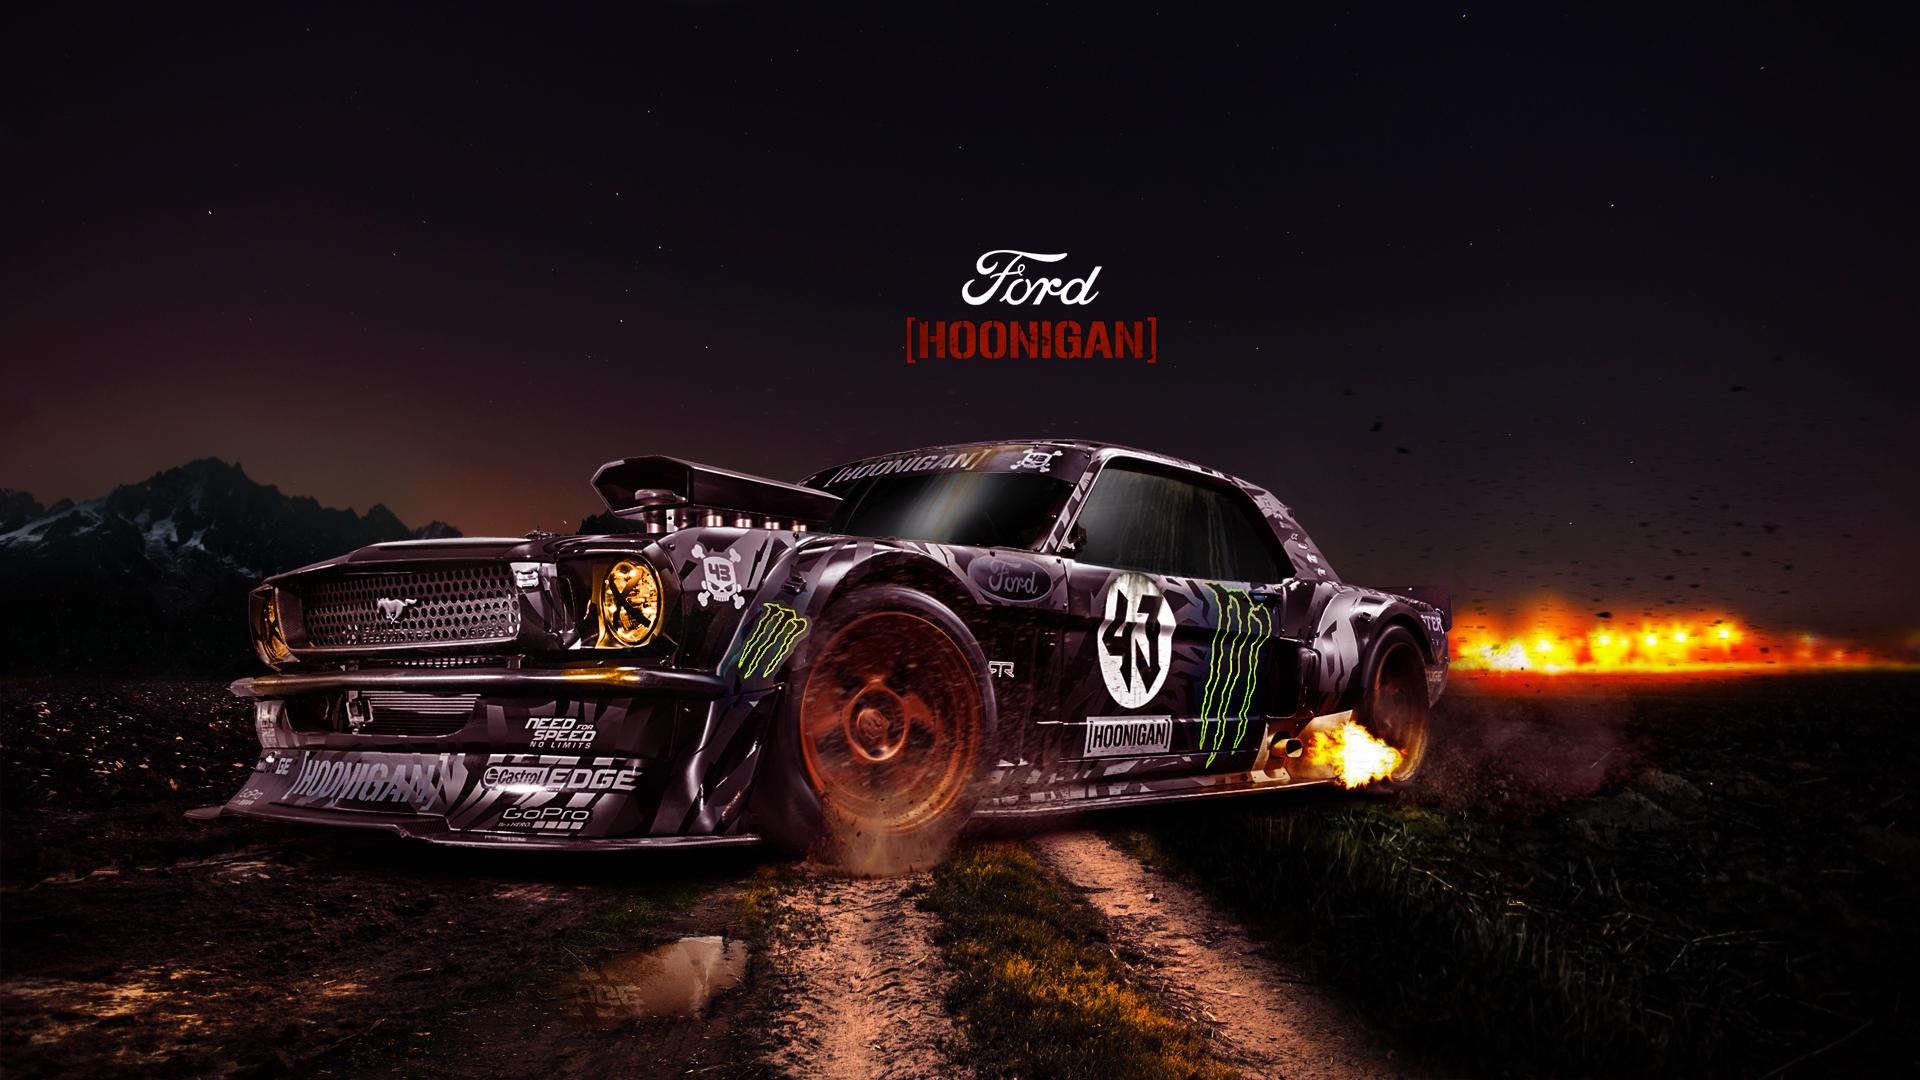 Hoonigan Mustang Wallpaper